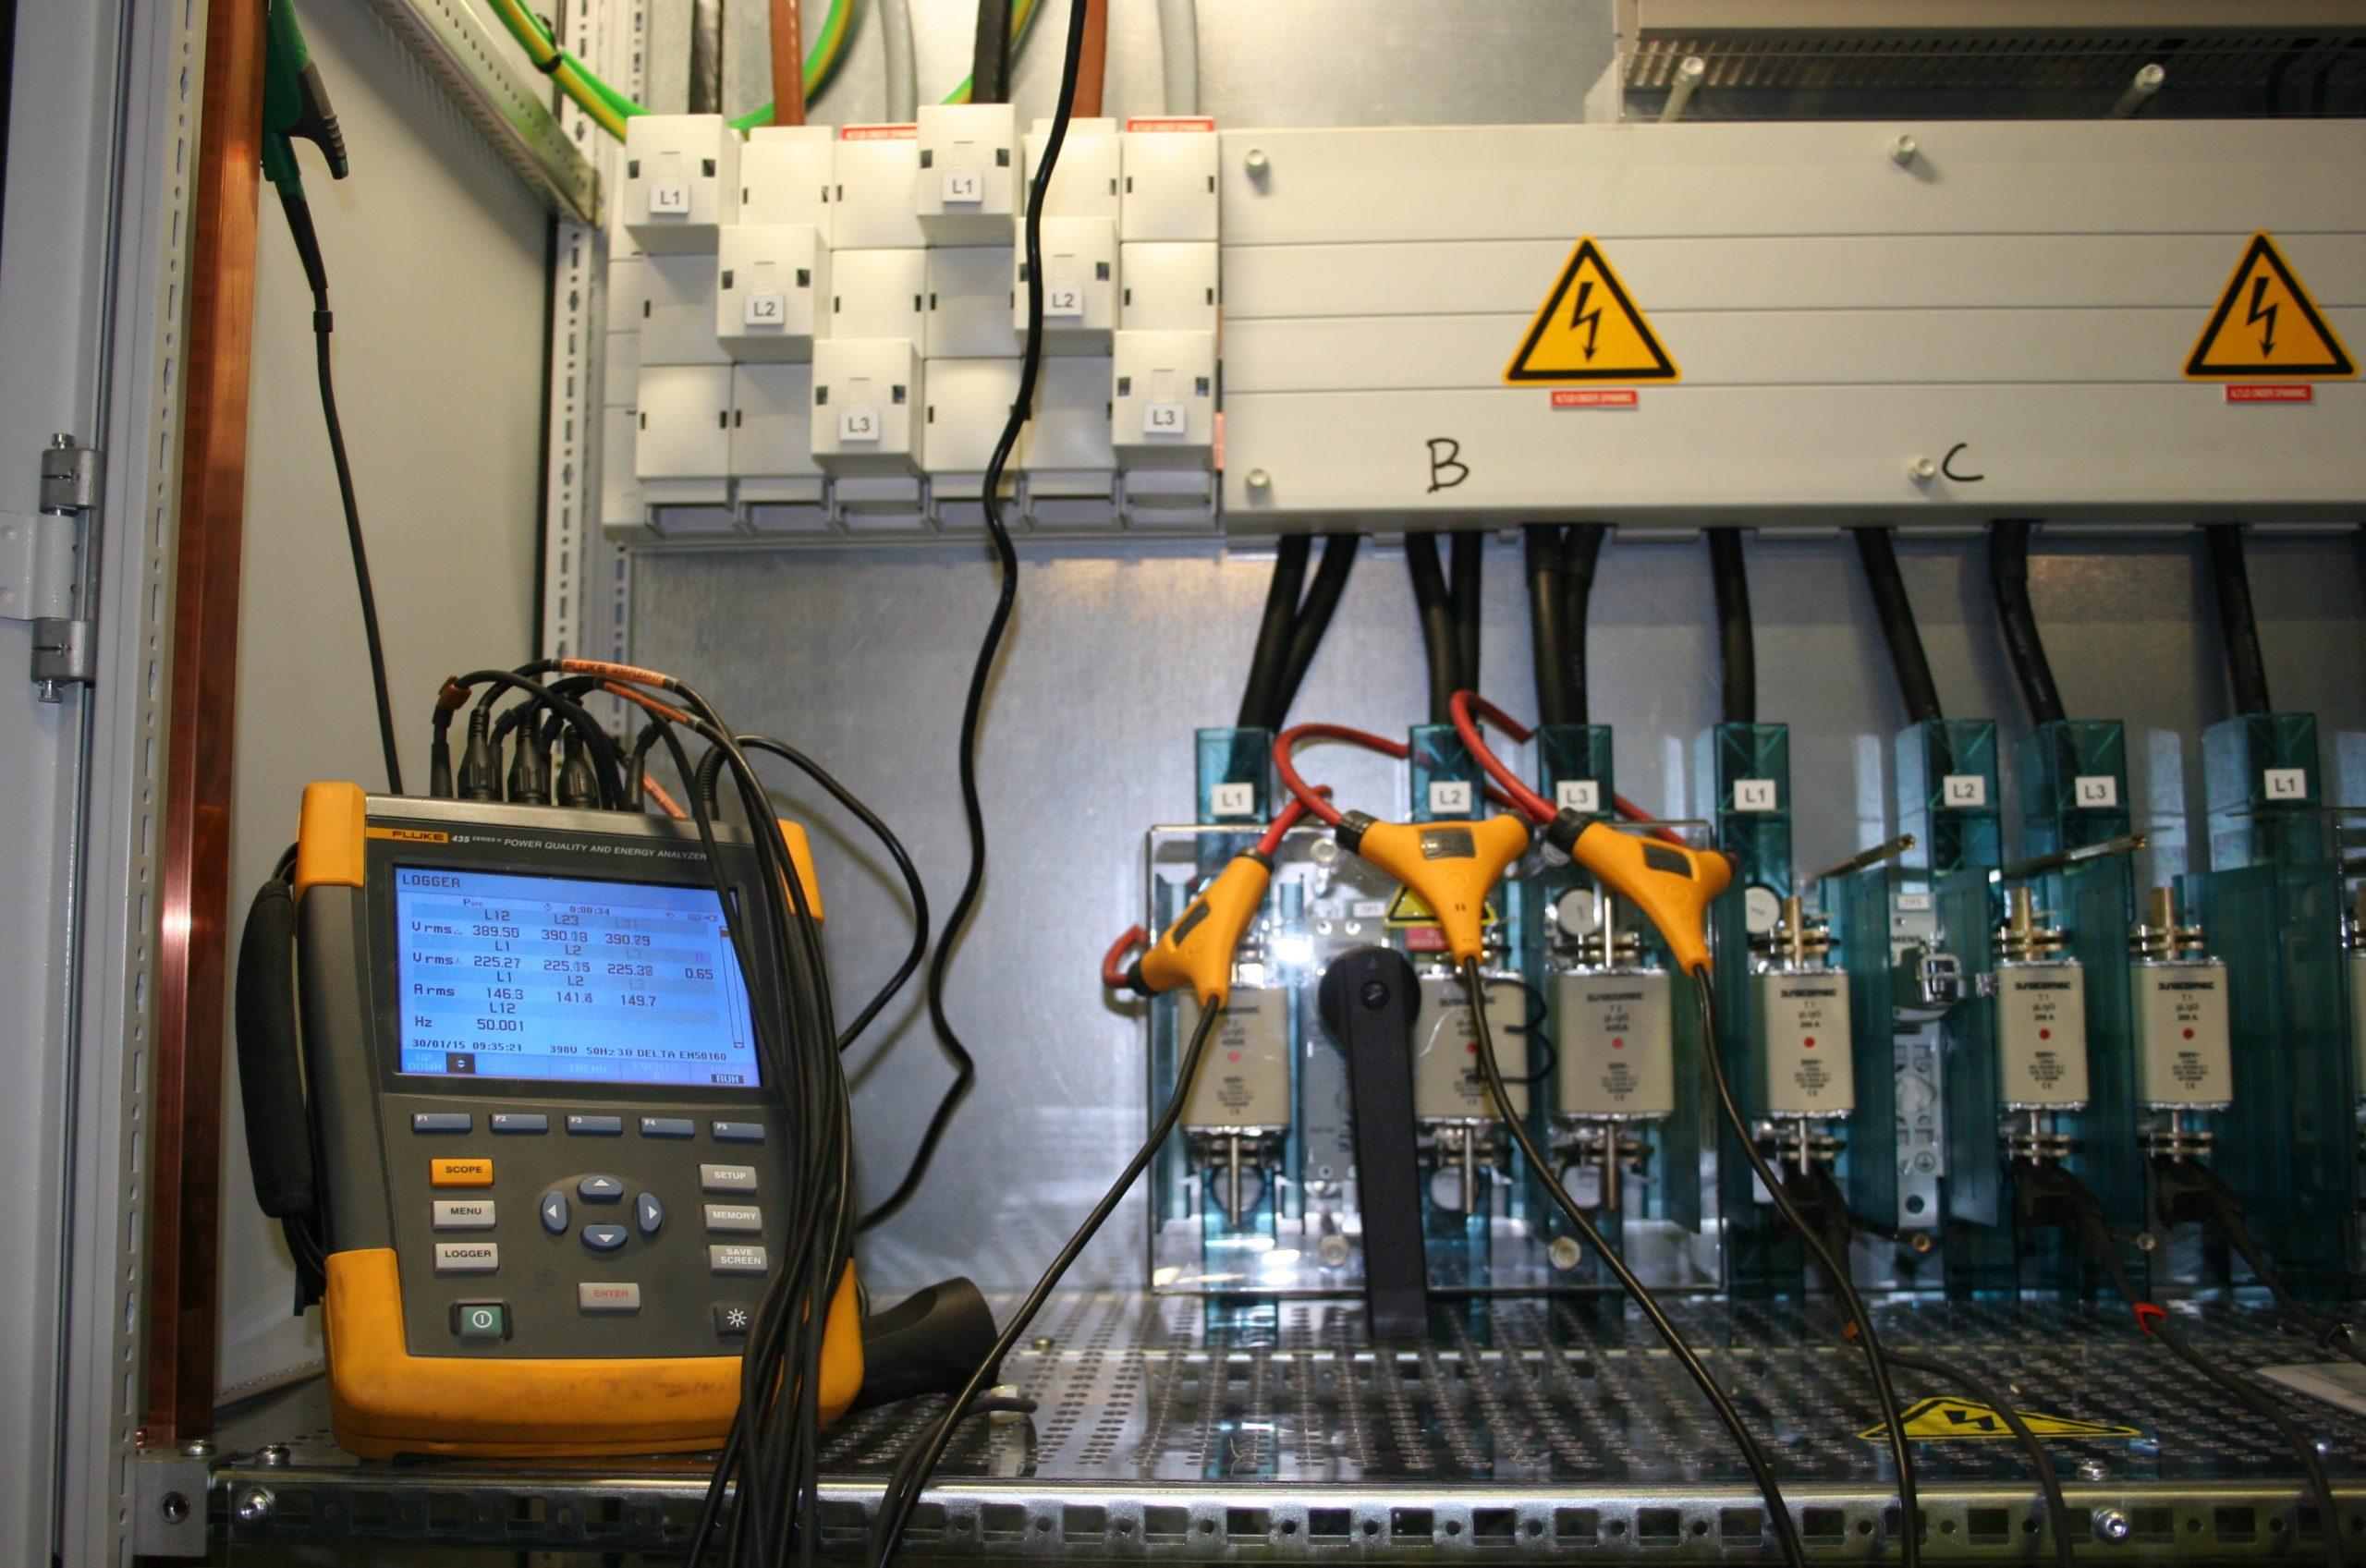 ATS Analyse netkwaliteit power quality